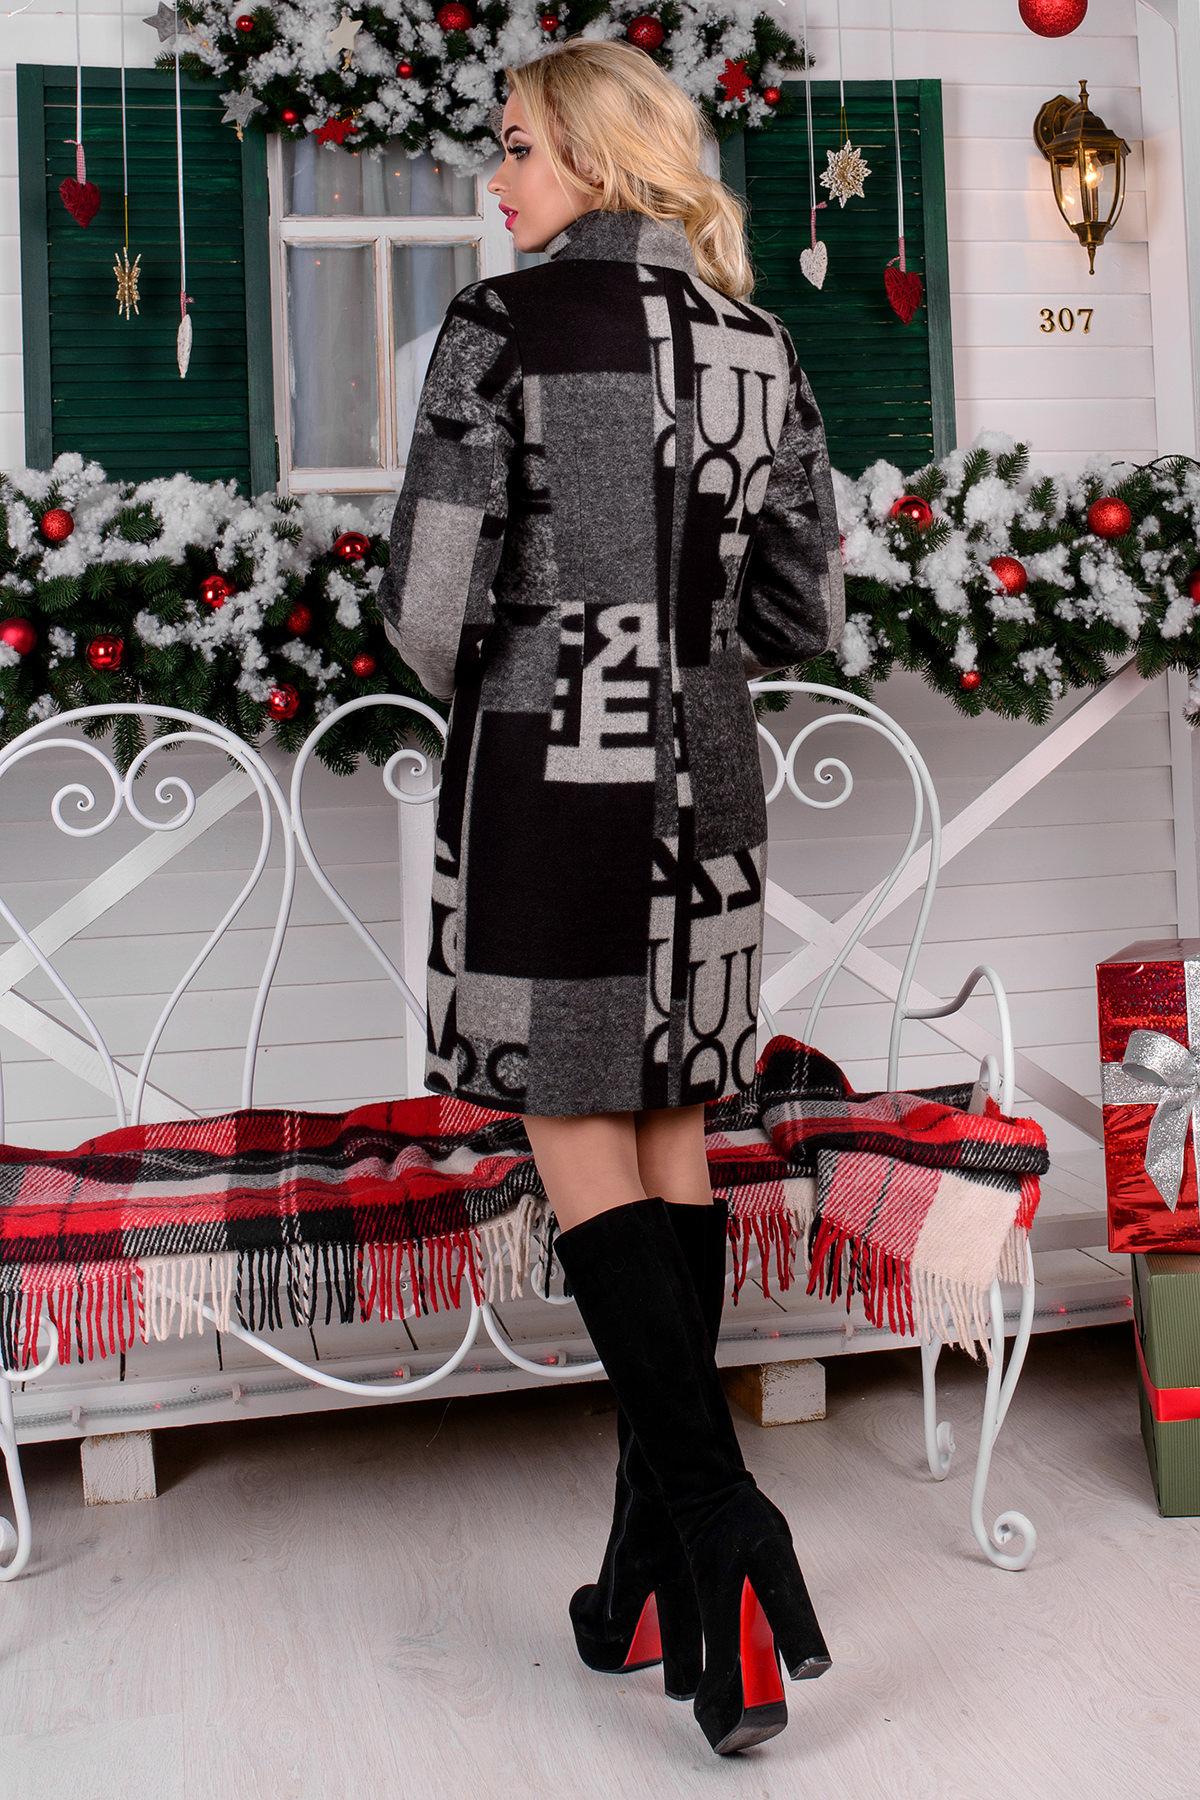 Пальто зима Фортуна 0877 АРТ. 8061 Цвет: Черный/серый буквы Д5/С1 - фото 4, интернет магазин tm-modus.ru